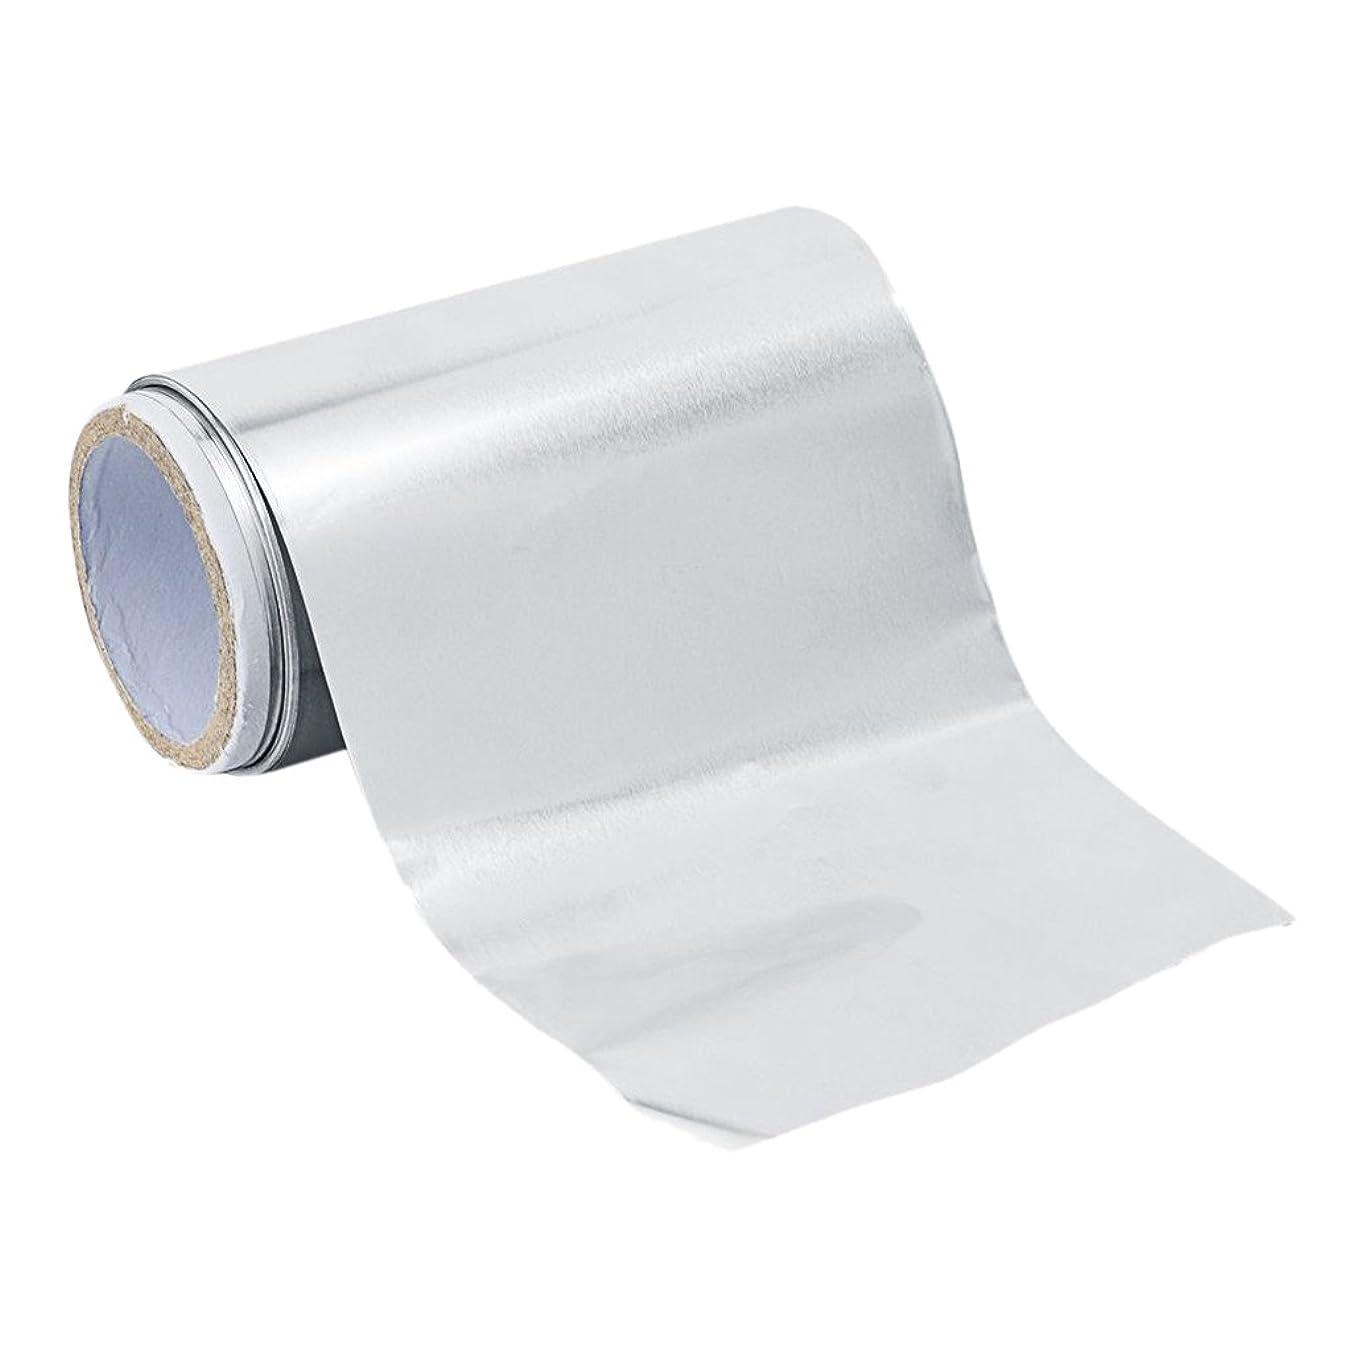 叱る波統計的Fenteer アルミニウム ヘア/ネイル用 錫箔紙 ネイルアート 爪化粧用具  クリーナーツール ジェル除却 5m